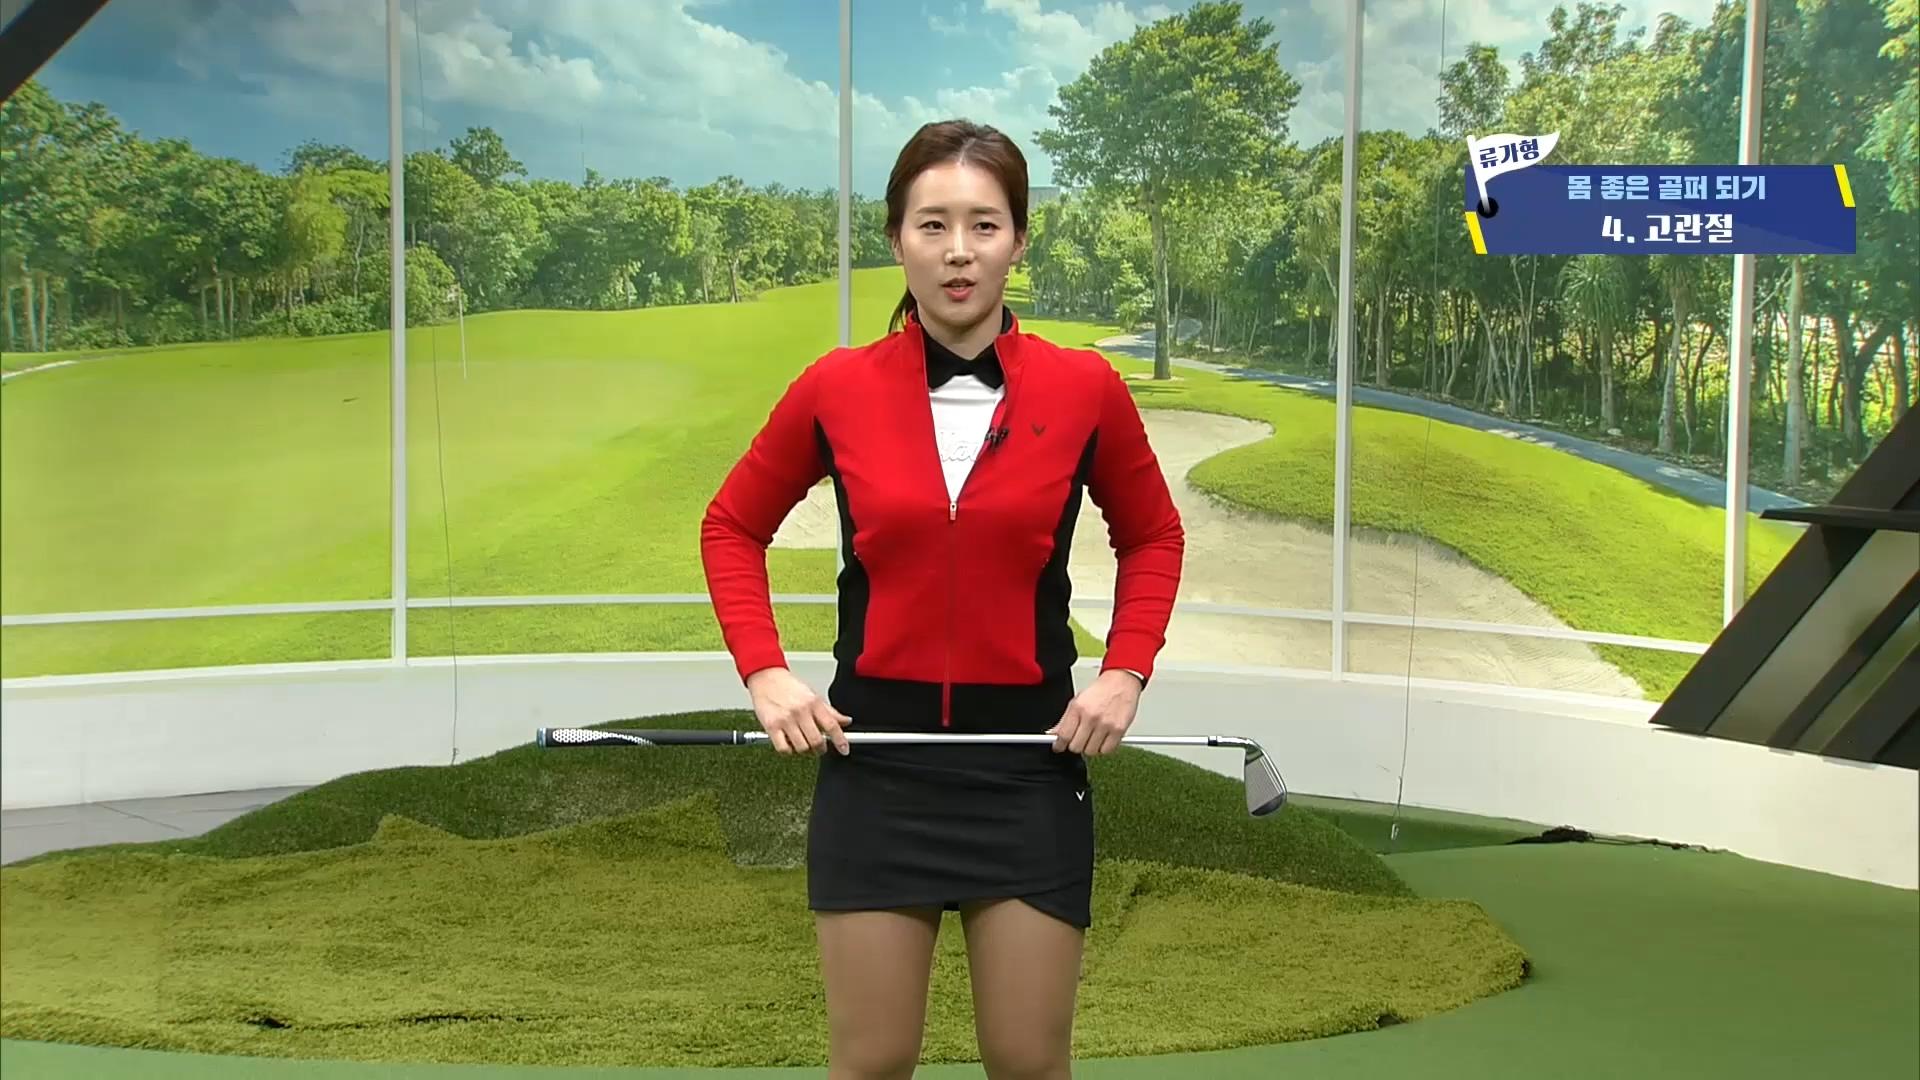 굿~ 골퍼가 되고 싶다면? 여기에 해답이!!